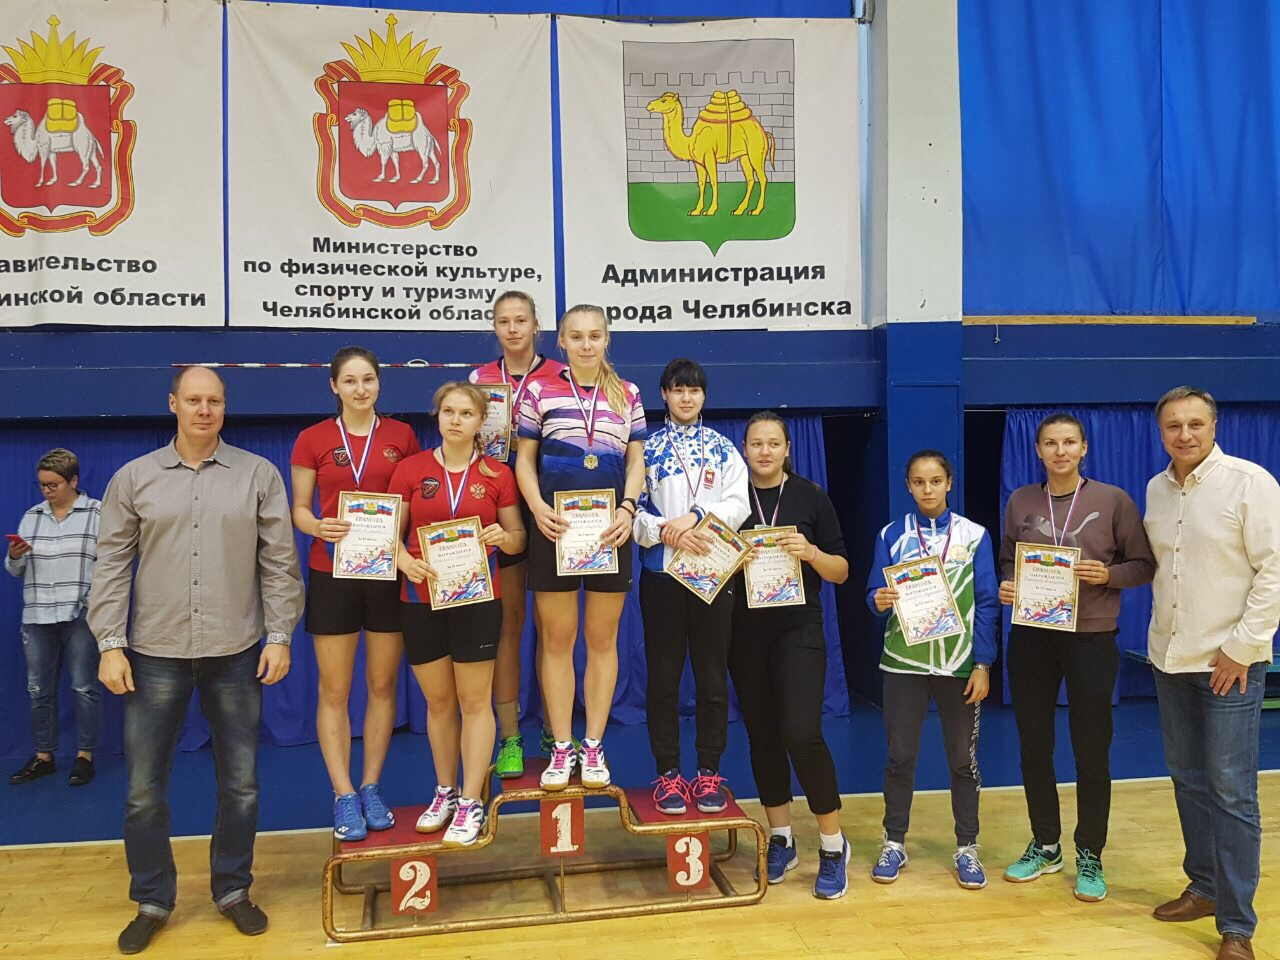 Коломенские бадминтонисты стали призерами и победителями Всероссийского турнира и Чемпионата в Челябинске